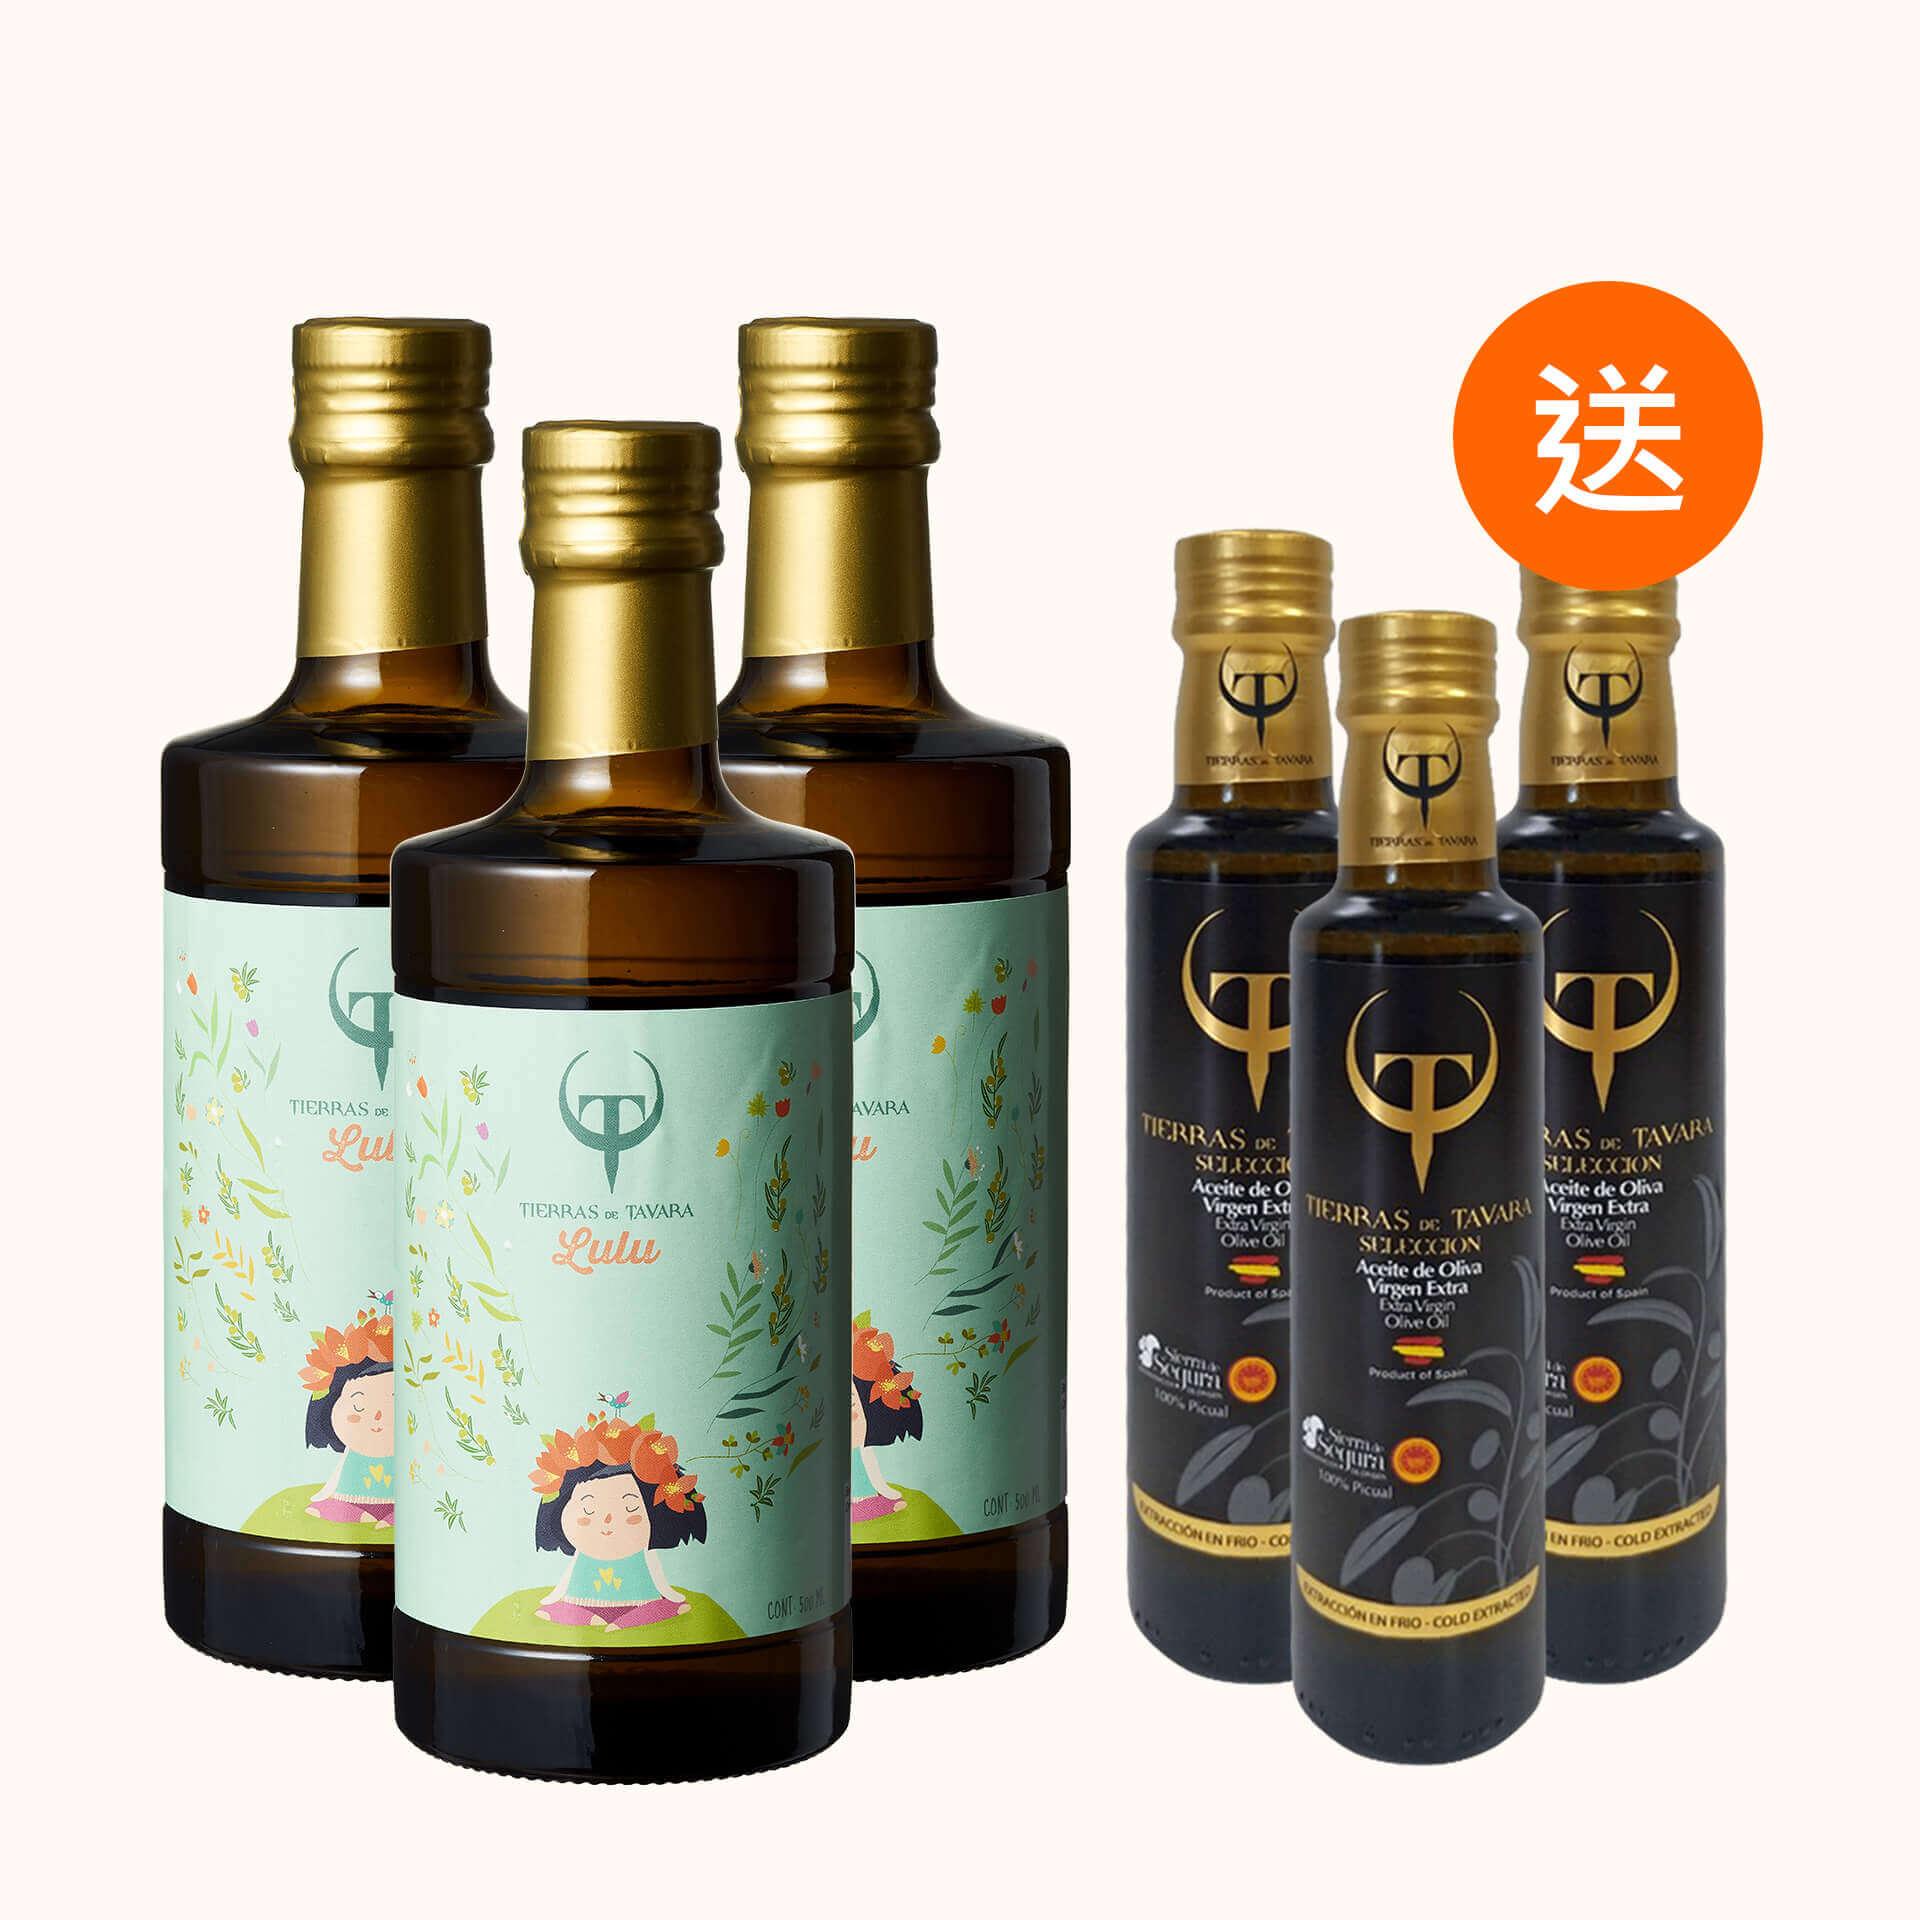 【買3送3】Lulu's頂級初榨橄欖油3入(500ml)送 賽古拉橄欖油3入(250ml)